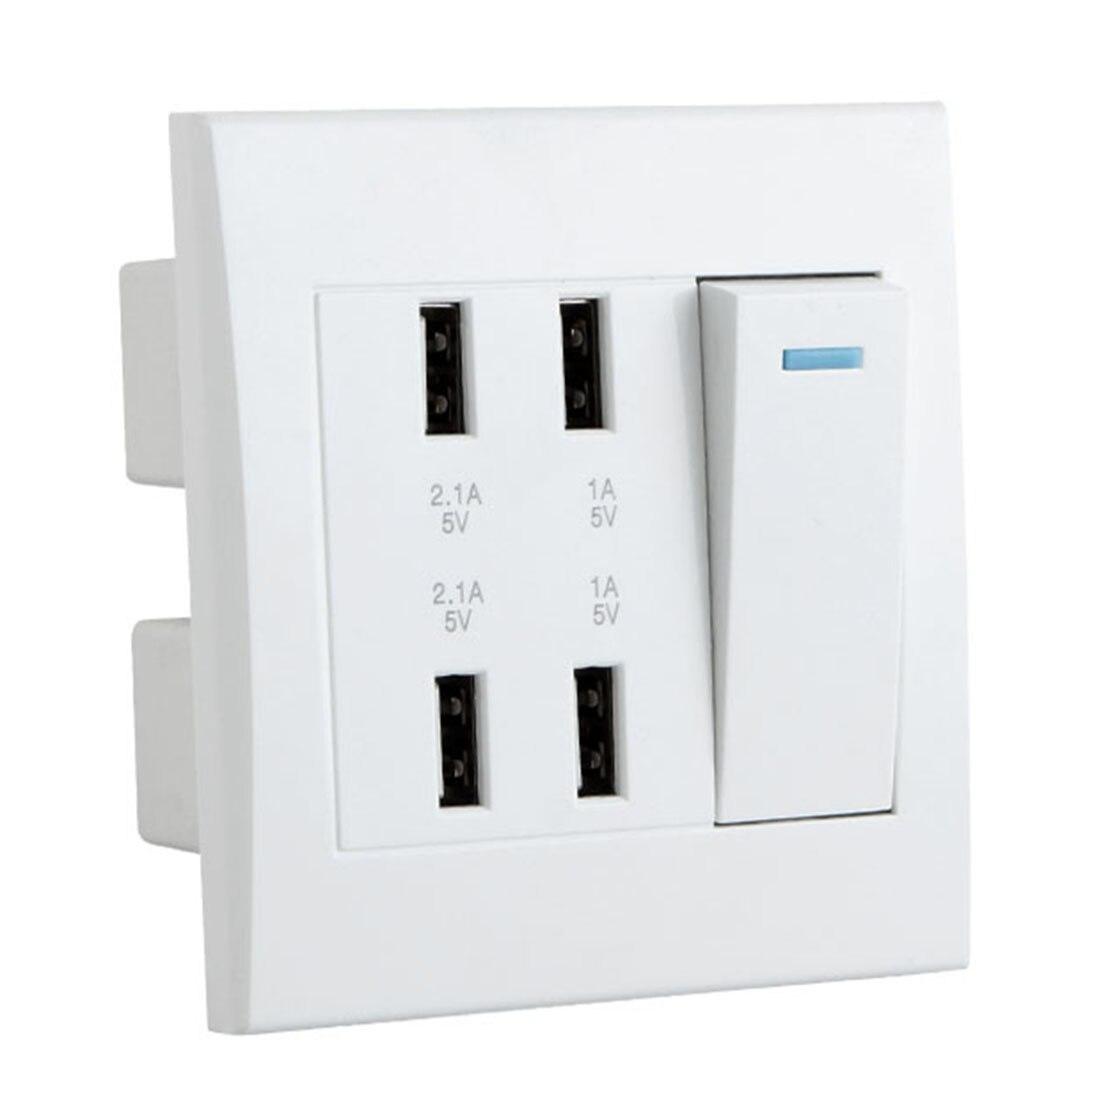 Prise murale USB 10A 4 Ports contrôle du commutateur chargeur Intelligent panneau de prise outil prise électrique maison prises adaptateur